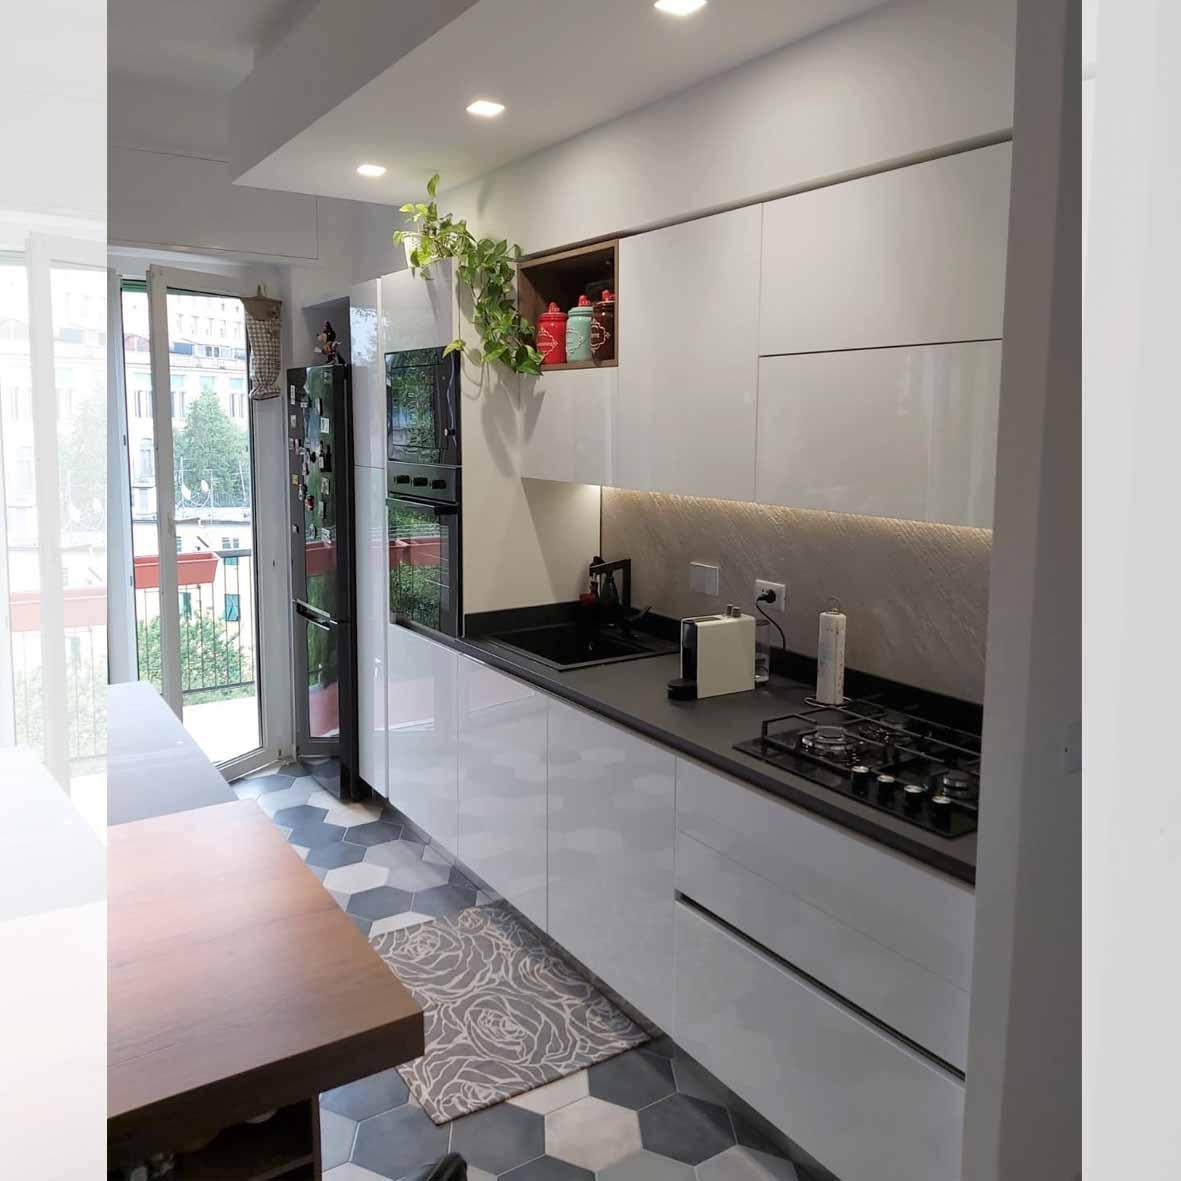 lavori-centro dell'arredamento ligure-savona-interior design